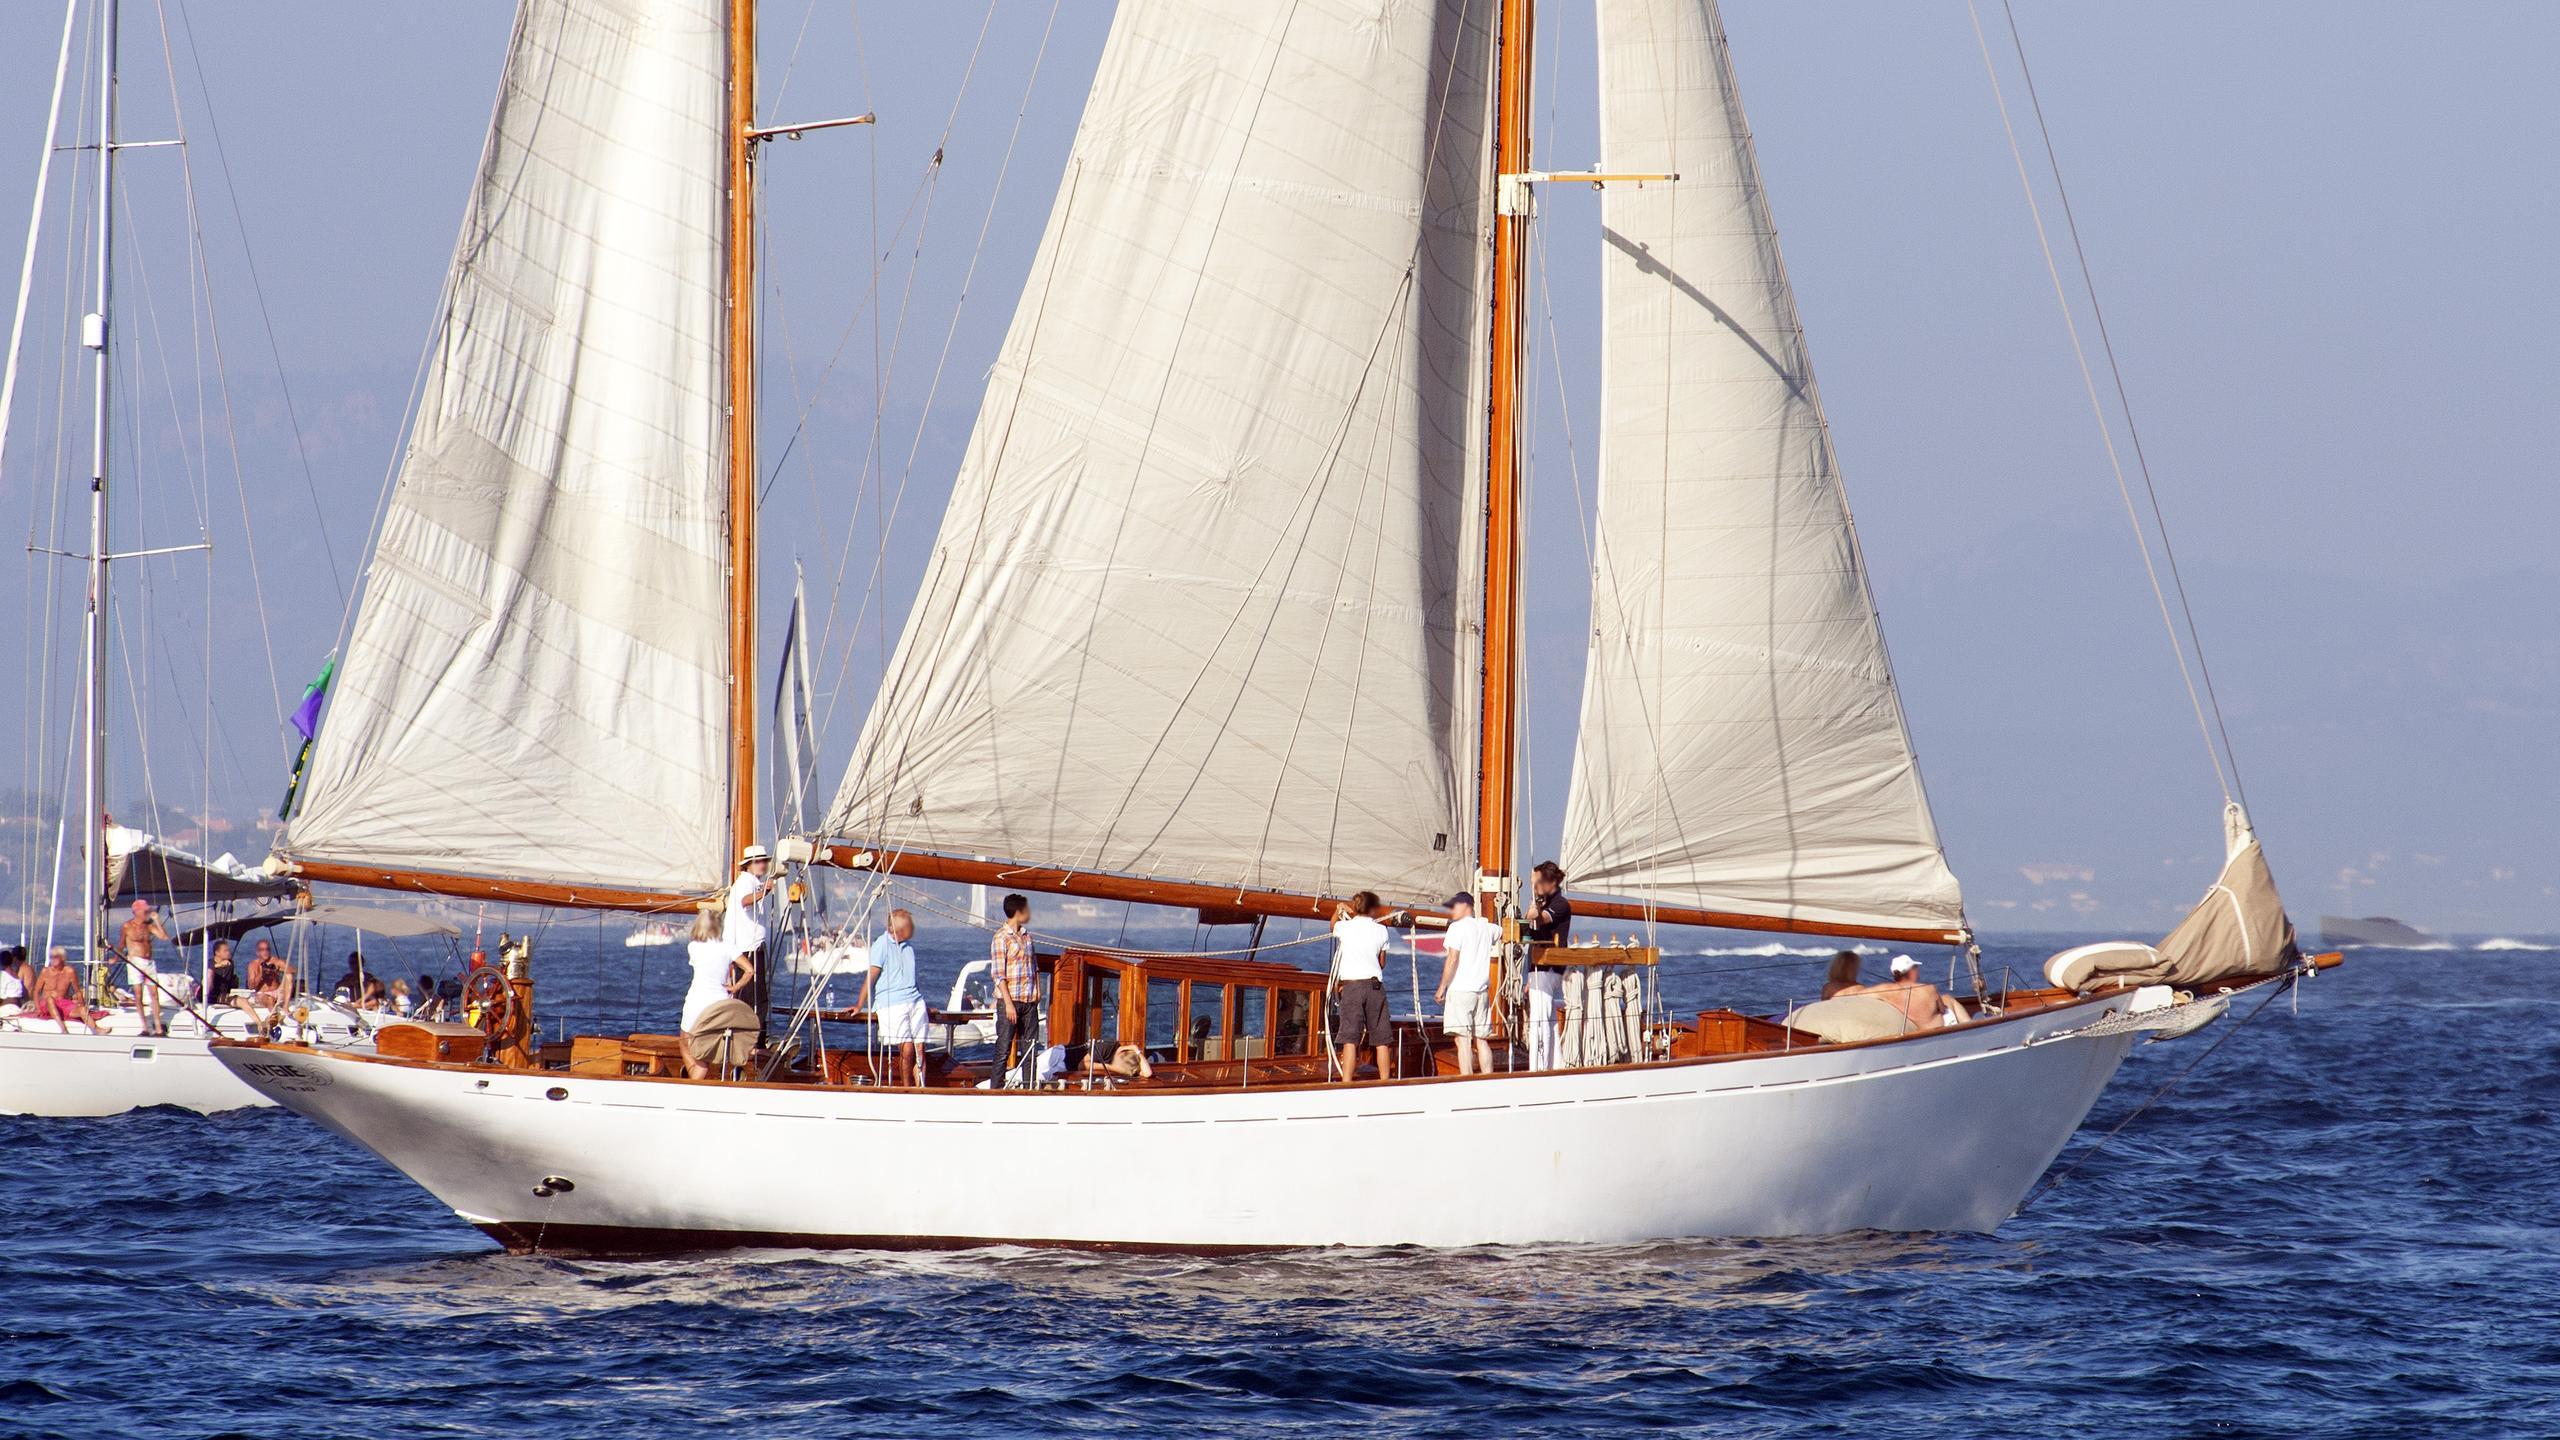 hygie-sailing-yacht-le-marchand-1930-24m-profile